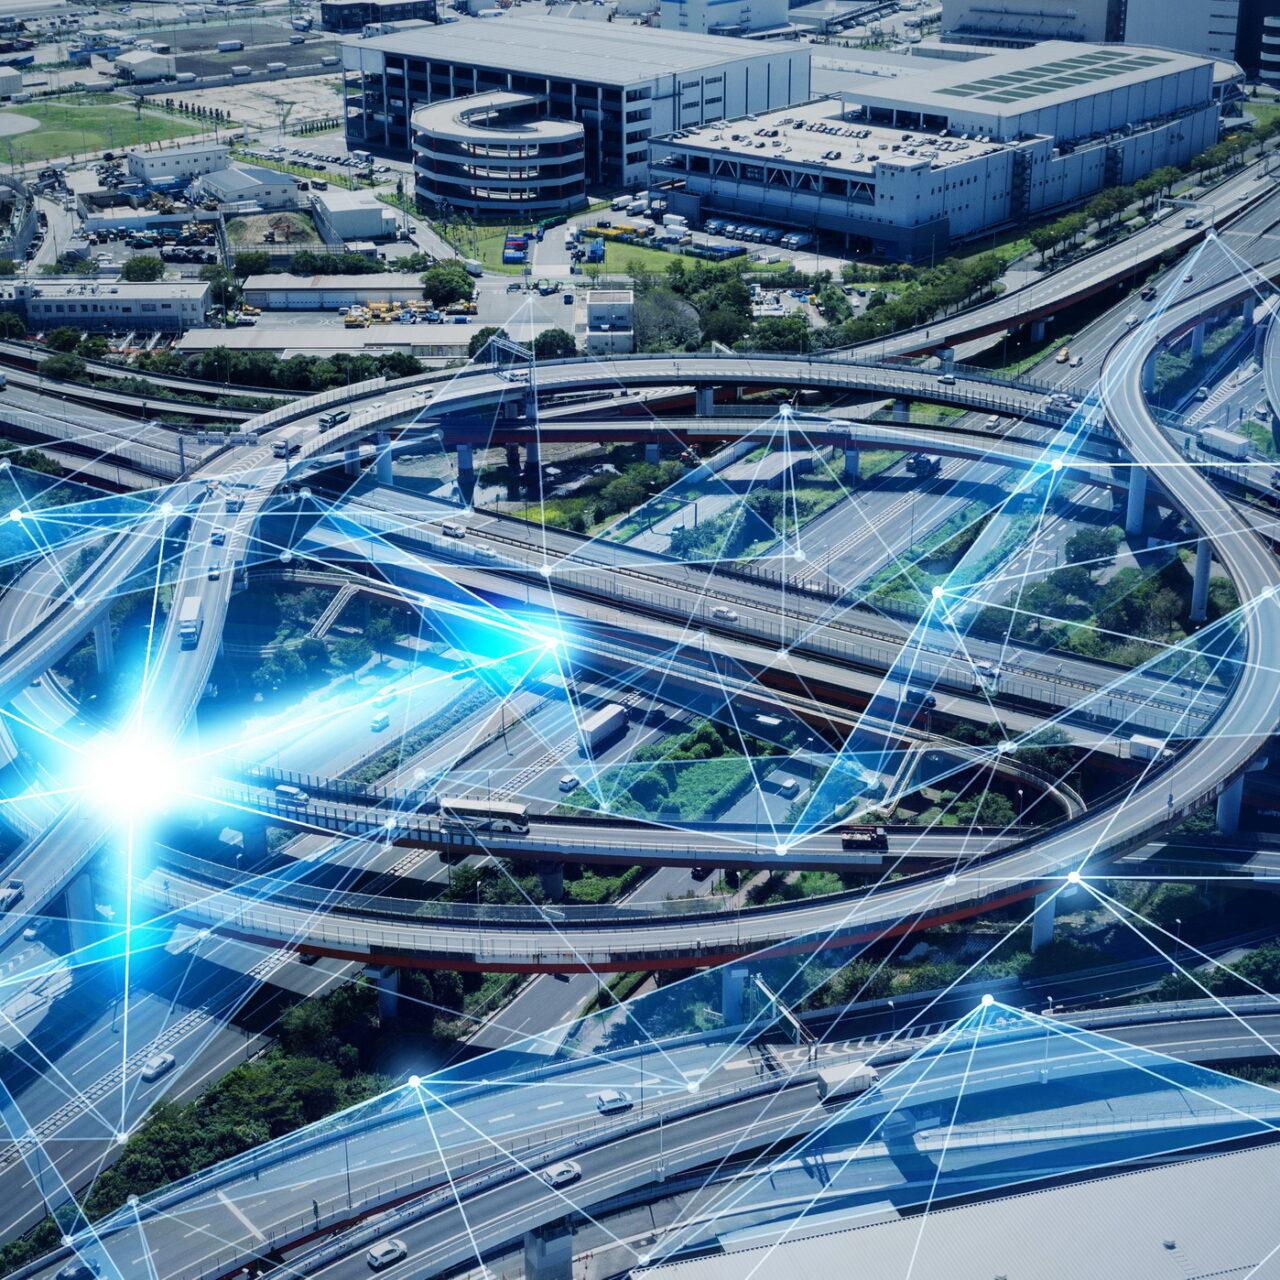 Bidens Infrastrukturplan hat erhebliche Auswirklungen auf die Weltwirtschaft